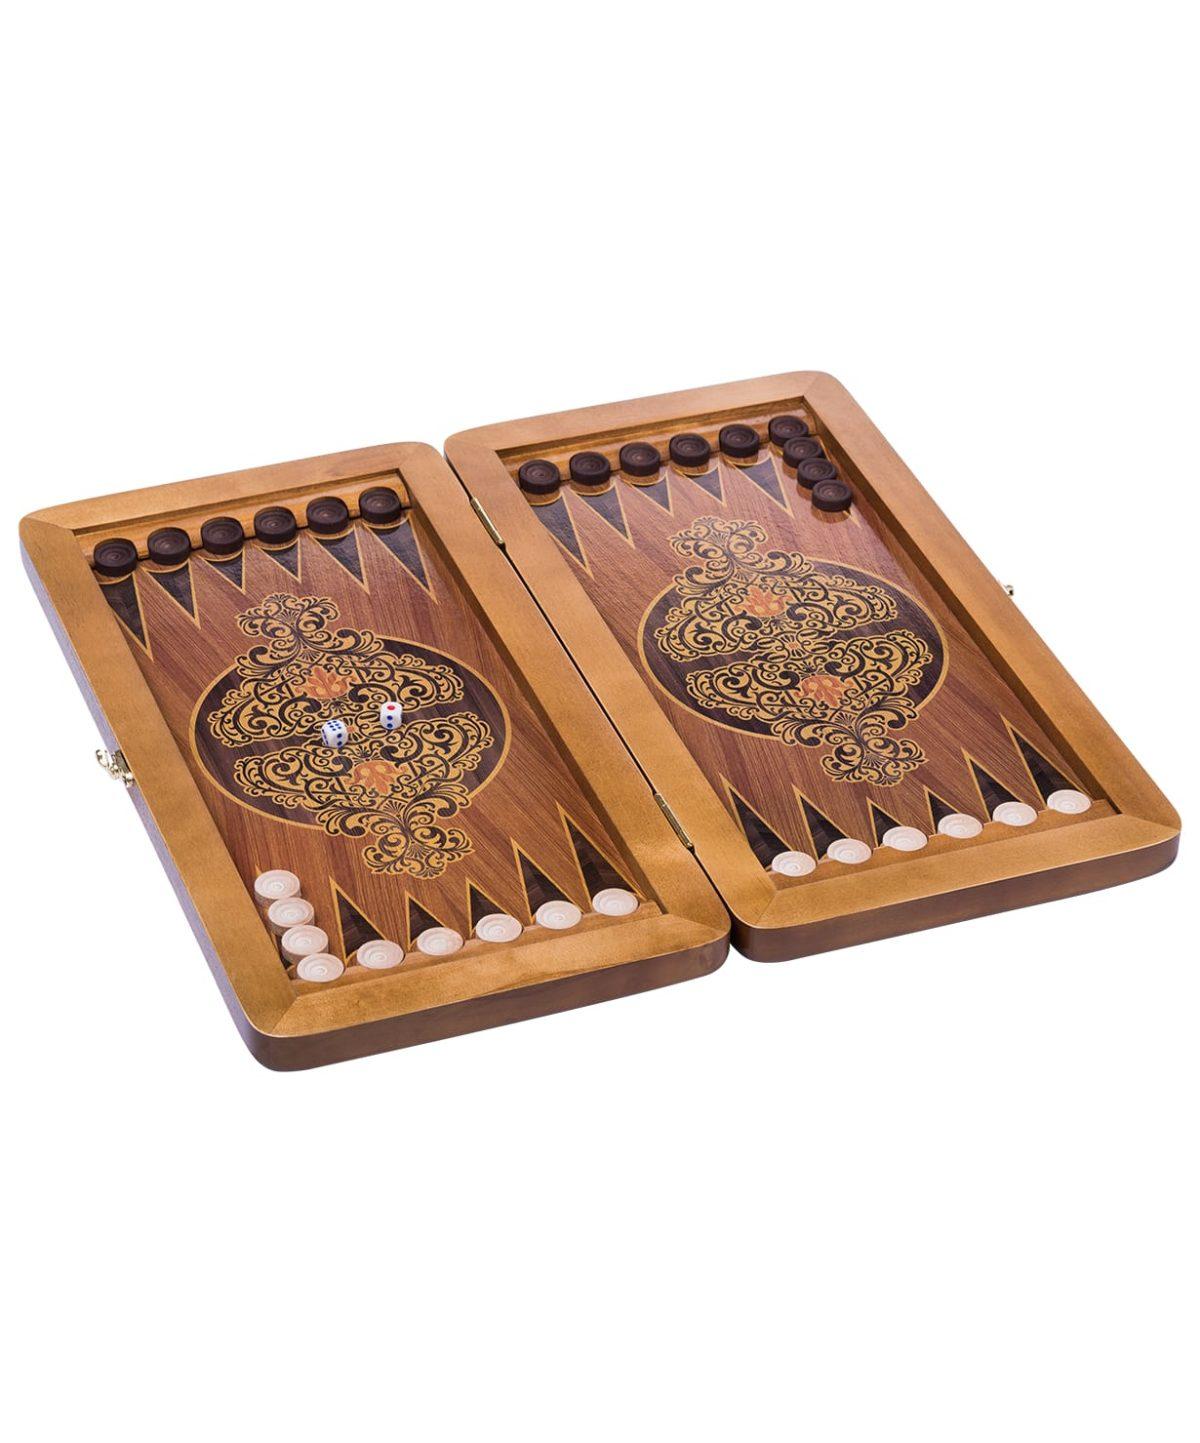 Нарды малые сувенирные, кожаные, в чехле  8425 - 1